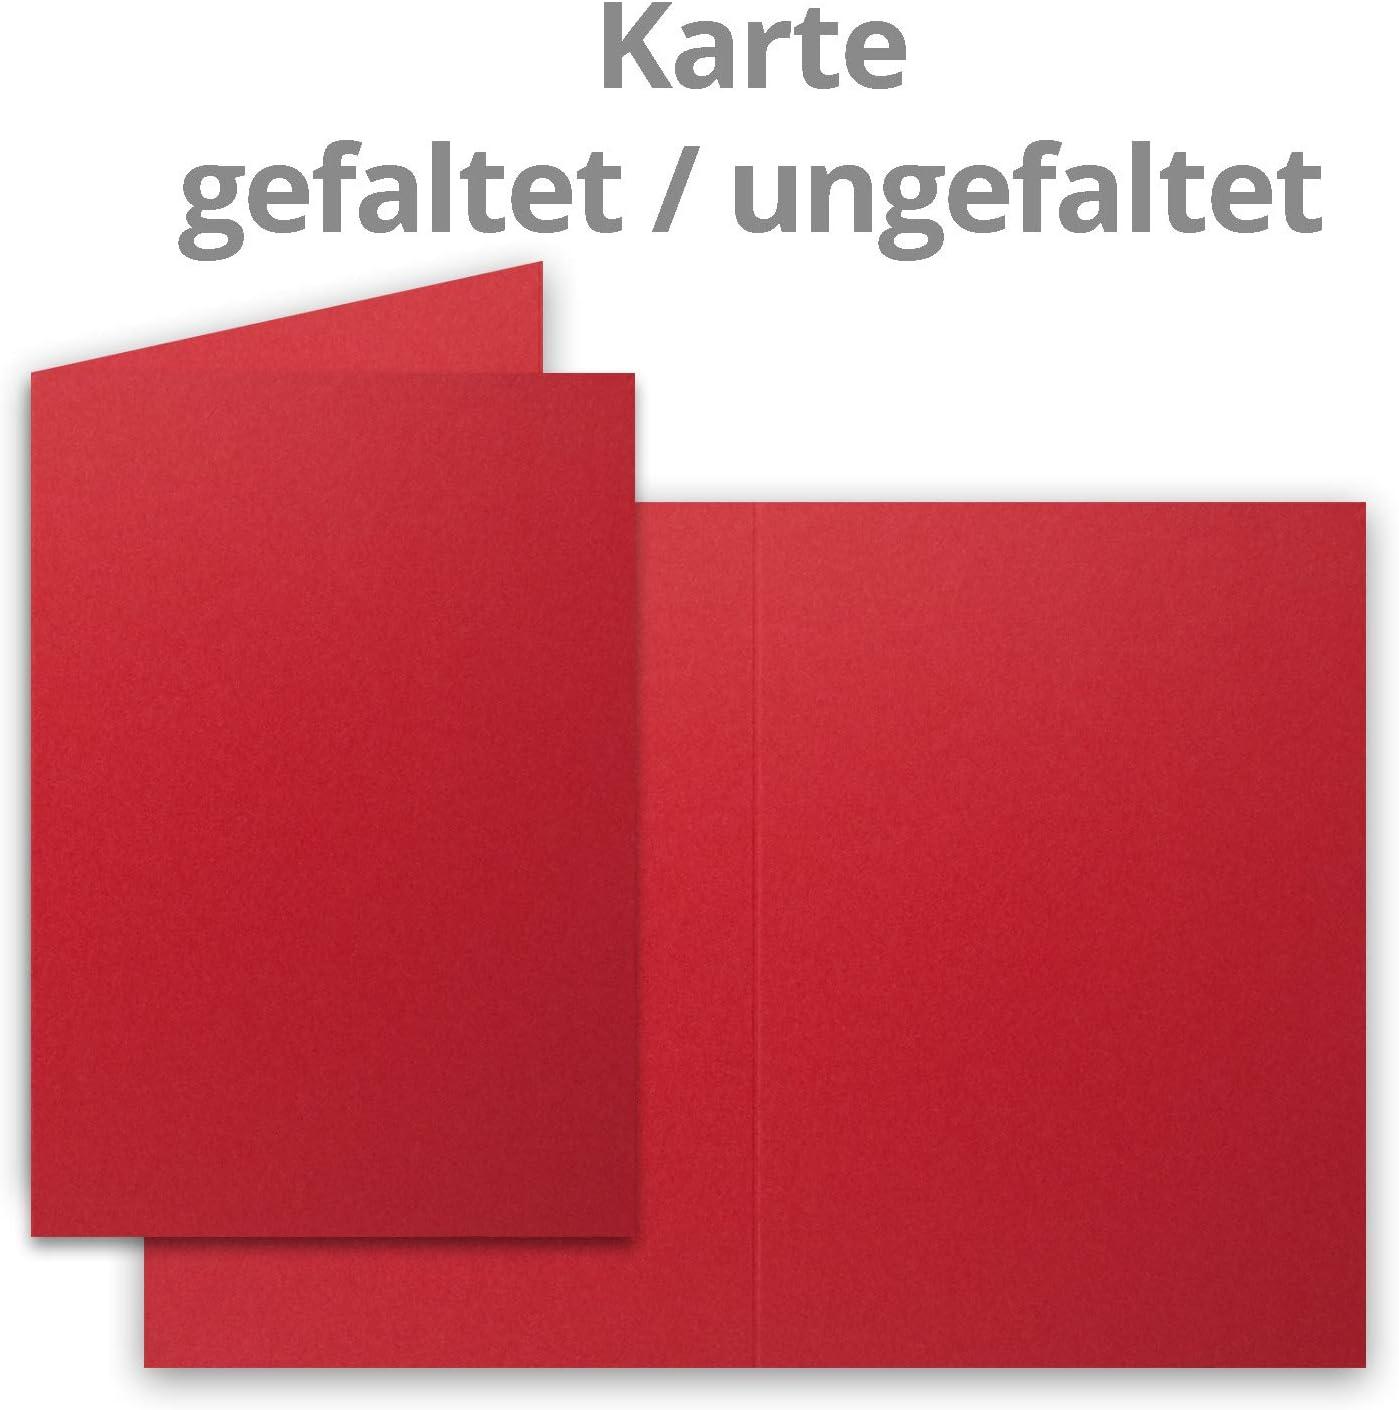 Paquete de tarjetas grande mate blanco 25 Sets DIN B6-12 x 17 cm con tarjetas plegables hojas blancas a juego y sobres forrados 120 x 170 mm color 10